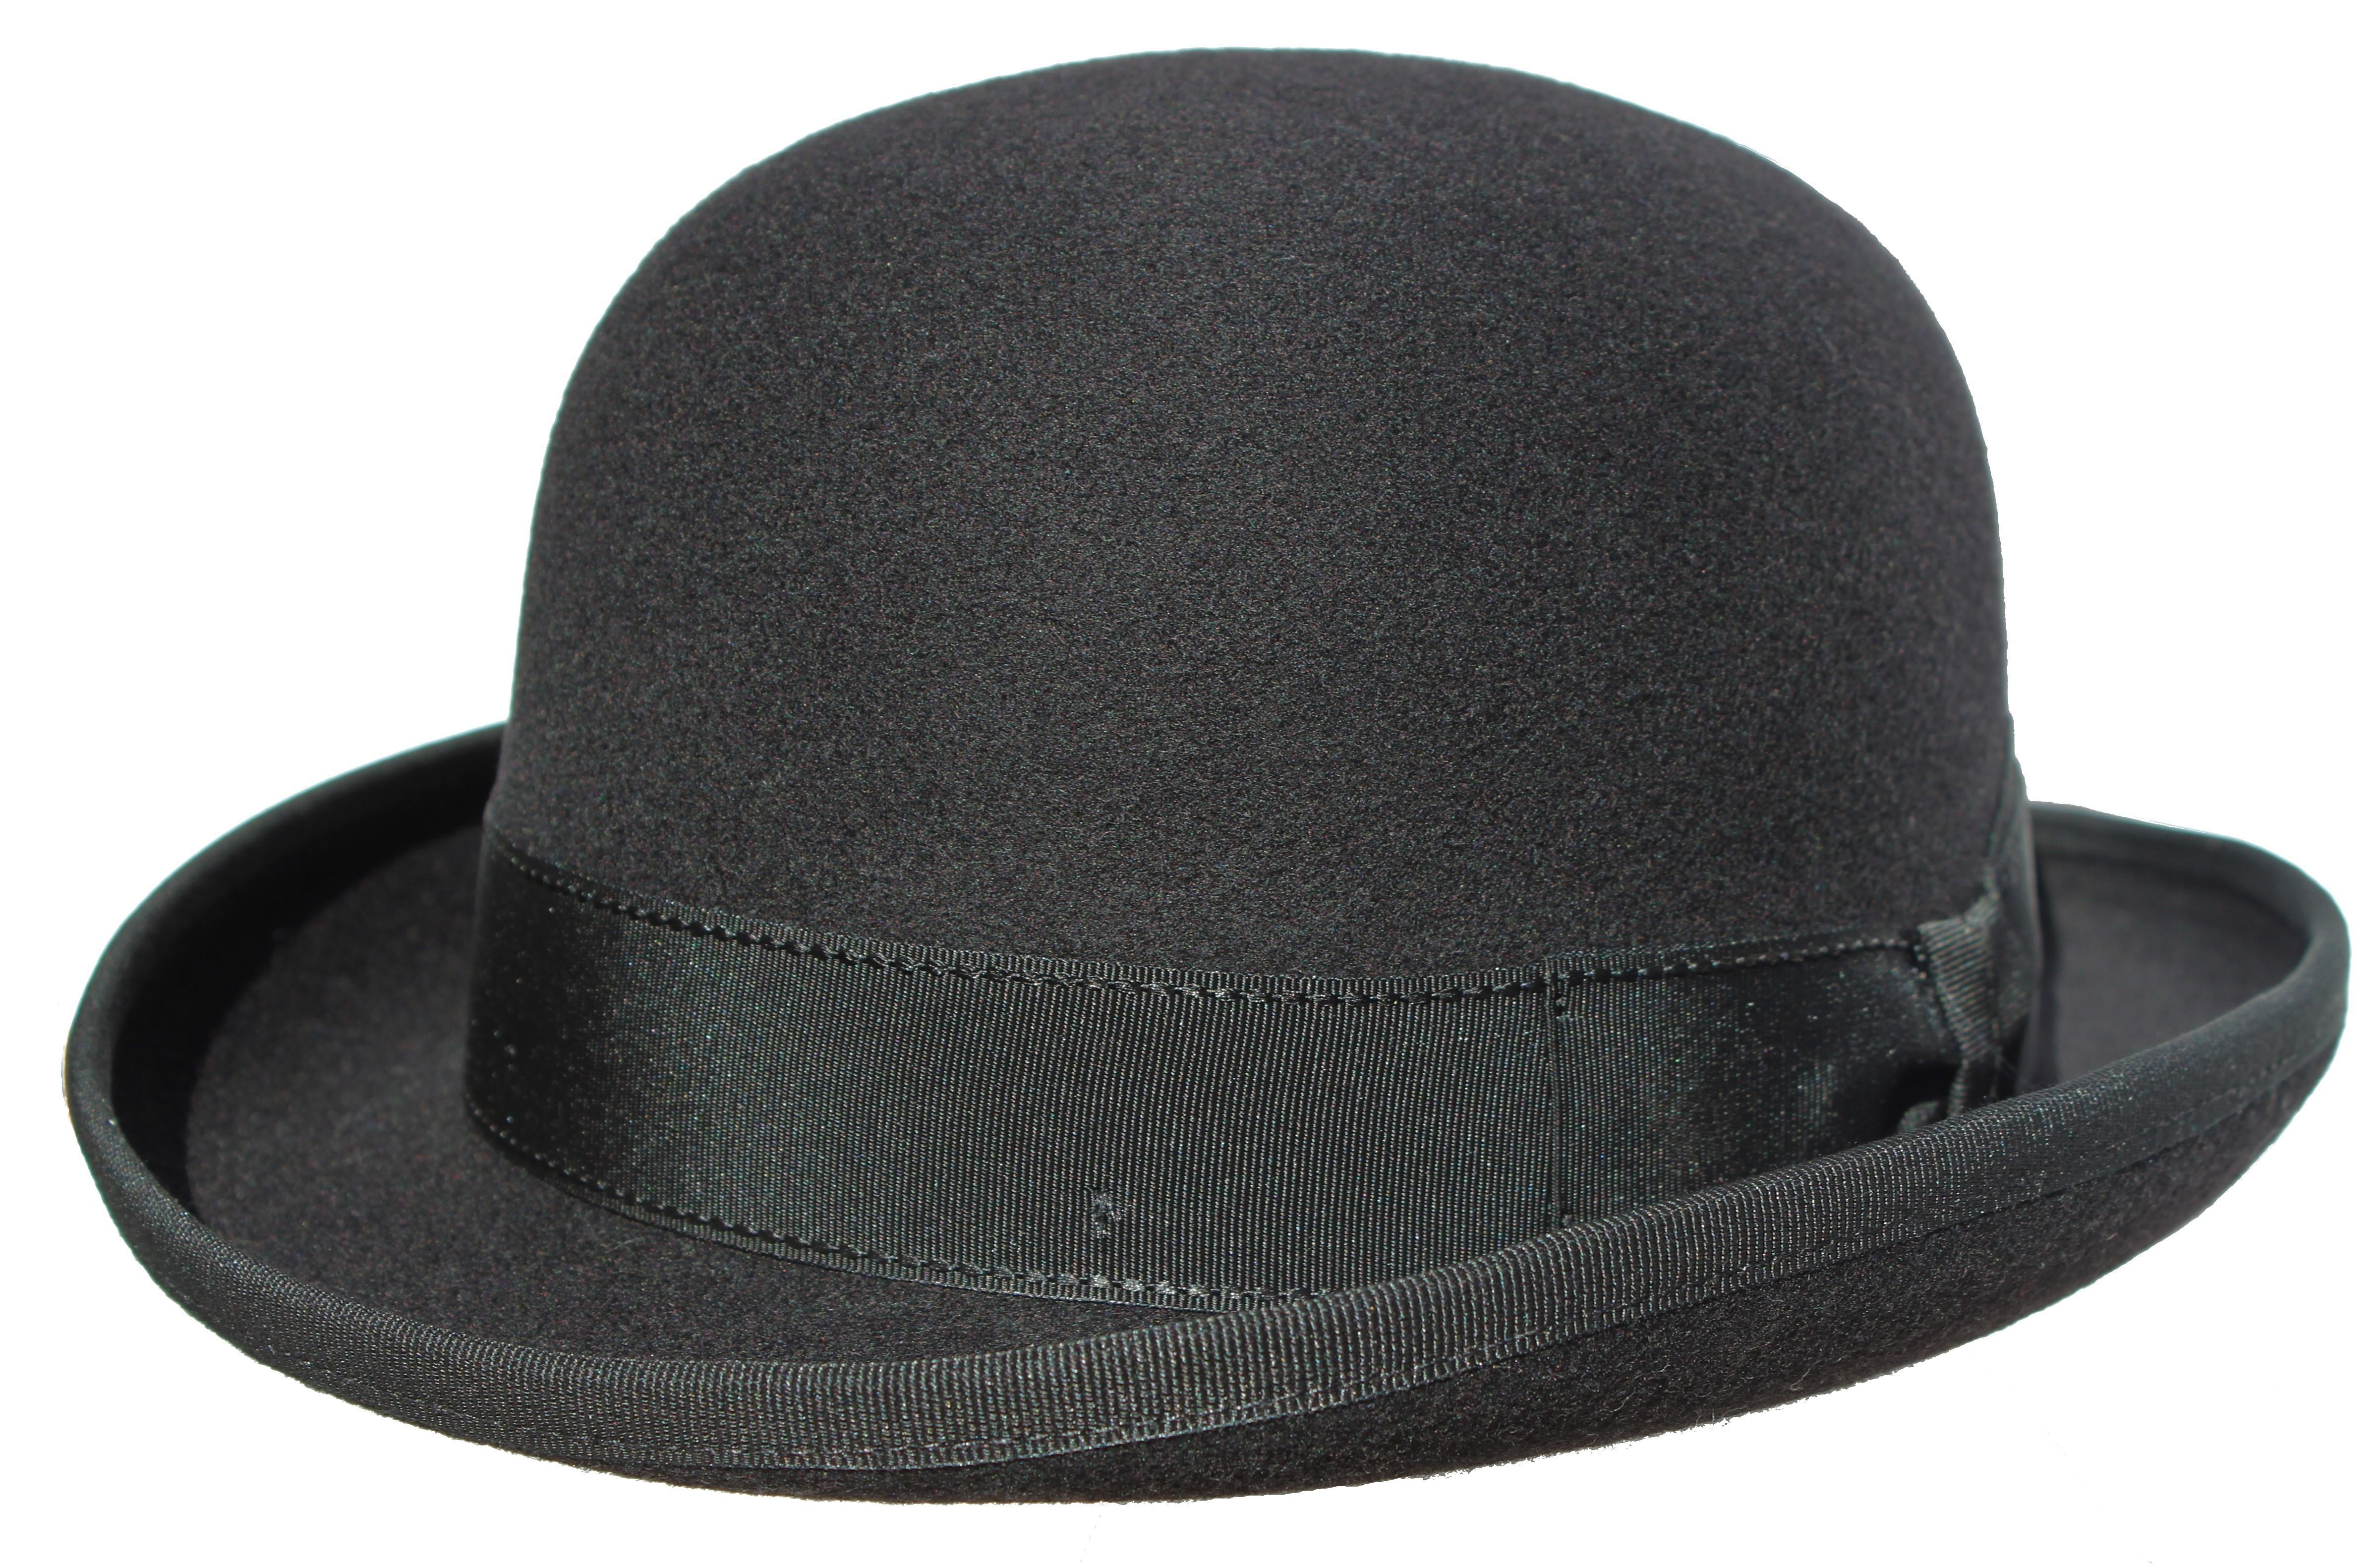 Chapeau feutre 100% laine - chapeau melon - John S Noir